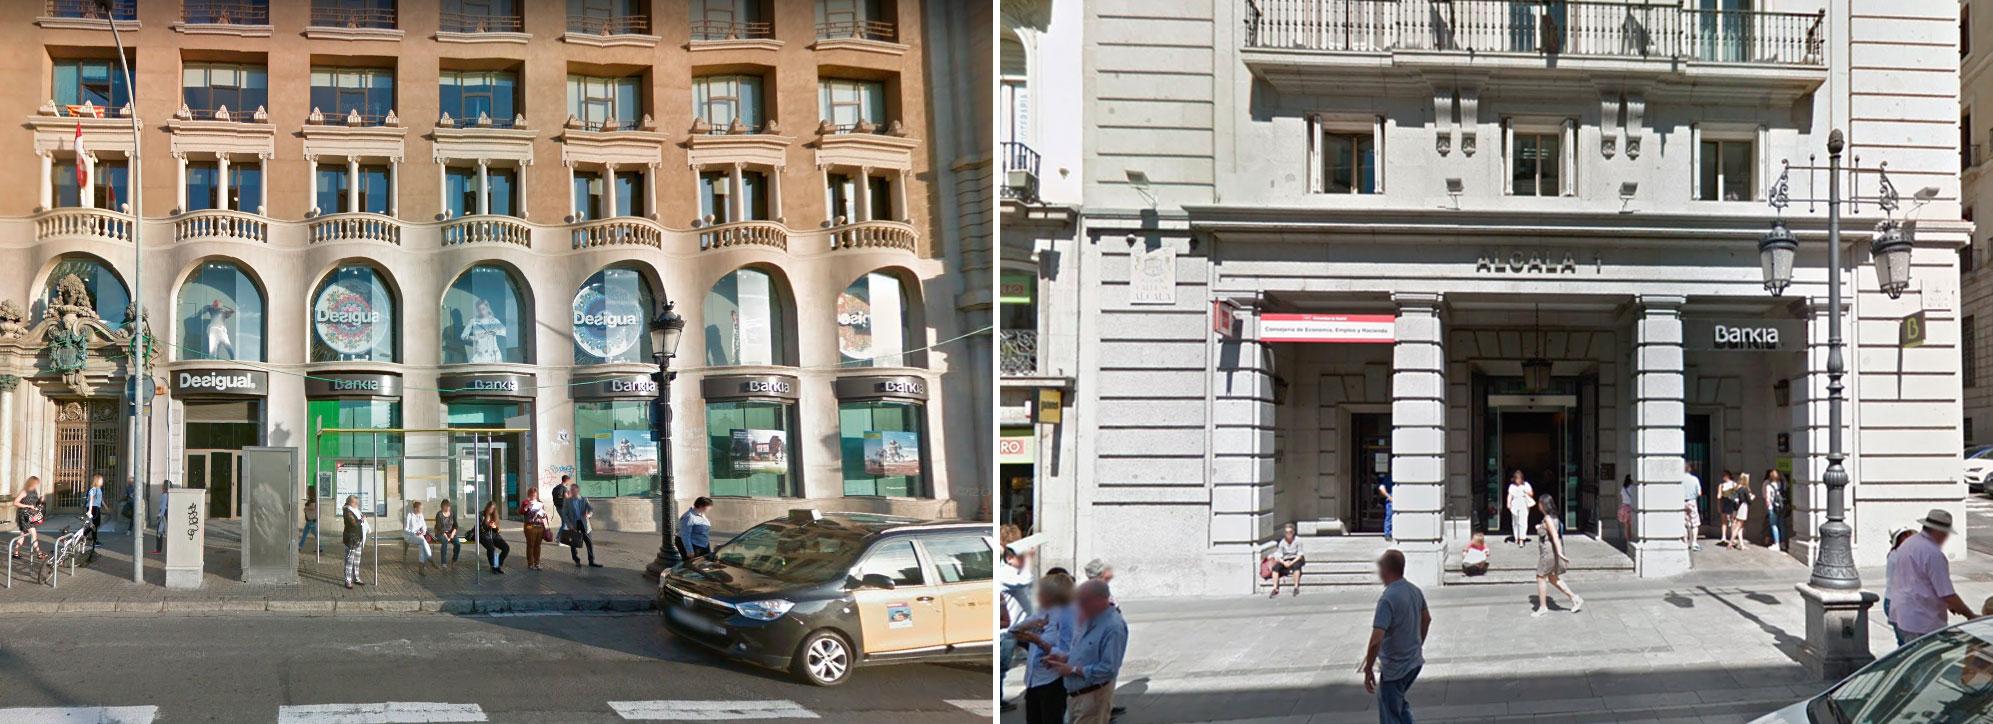 Cerberus saca a la venta dos oficinas estrella de bankia for Oficinas de bankia en madrid